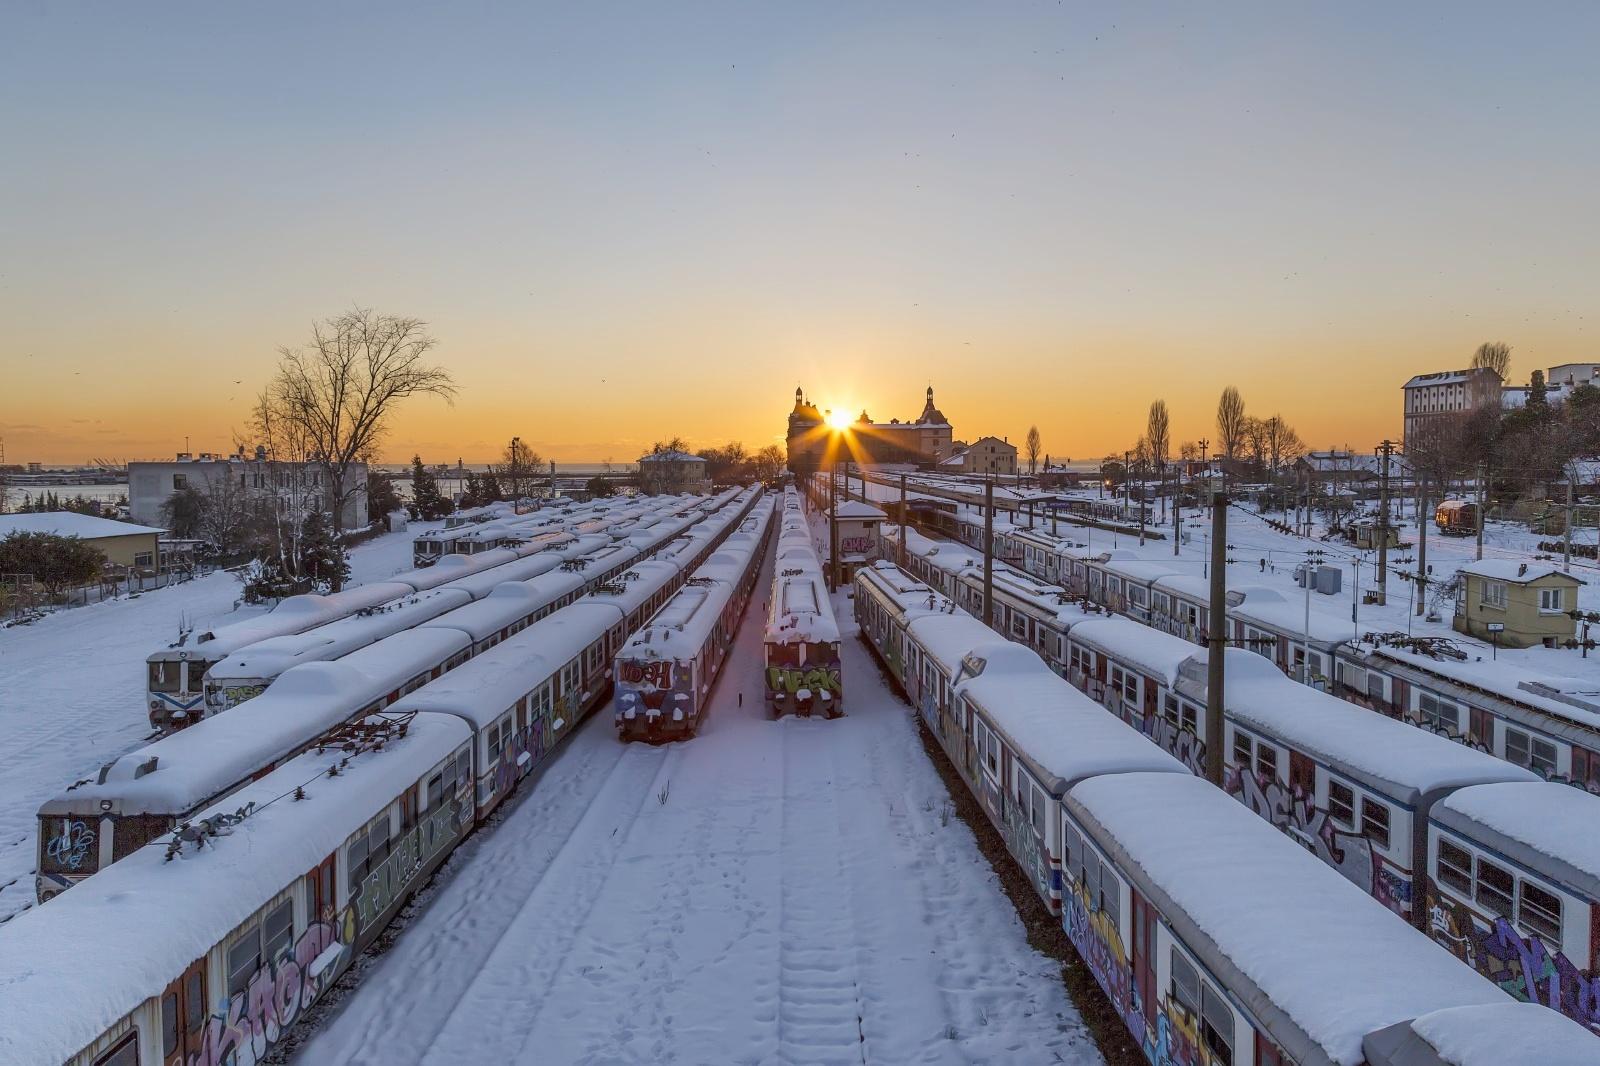 雪のハイダルパシャ駅 トルコの鉄道風景